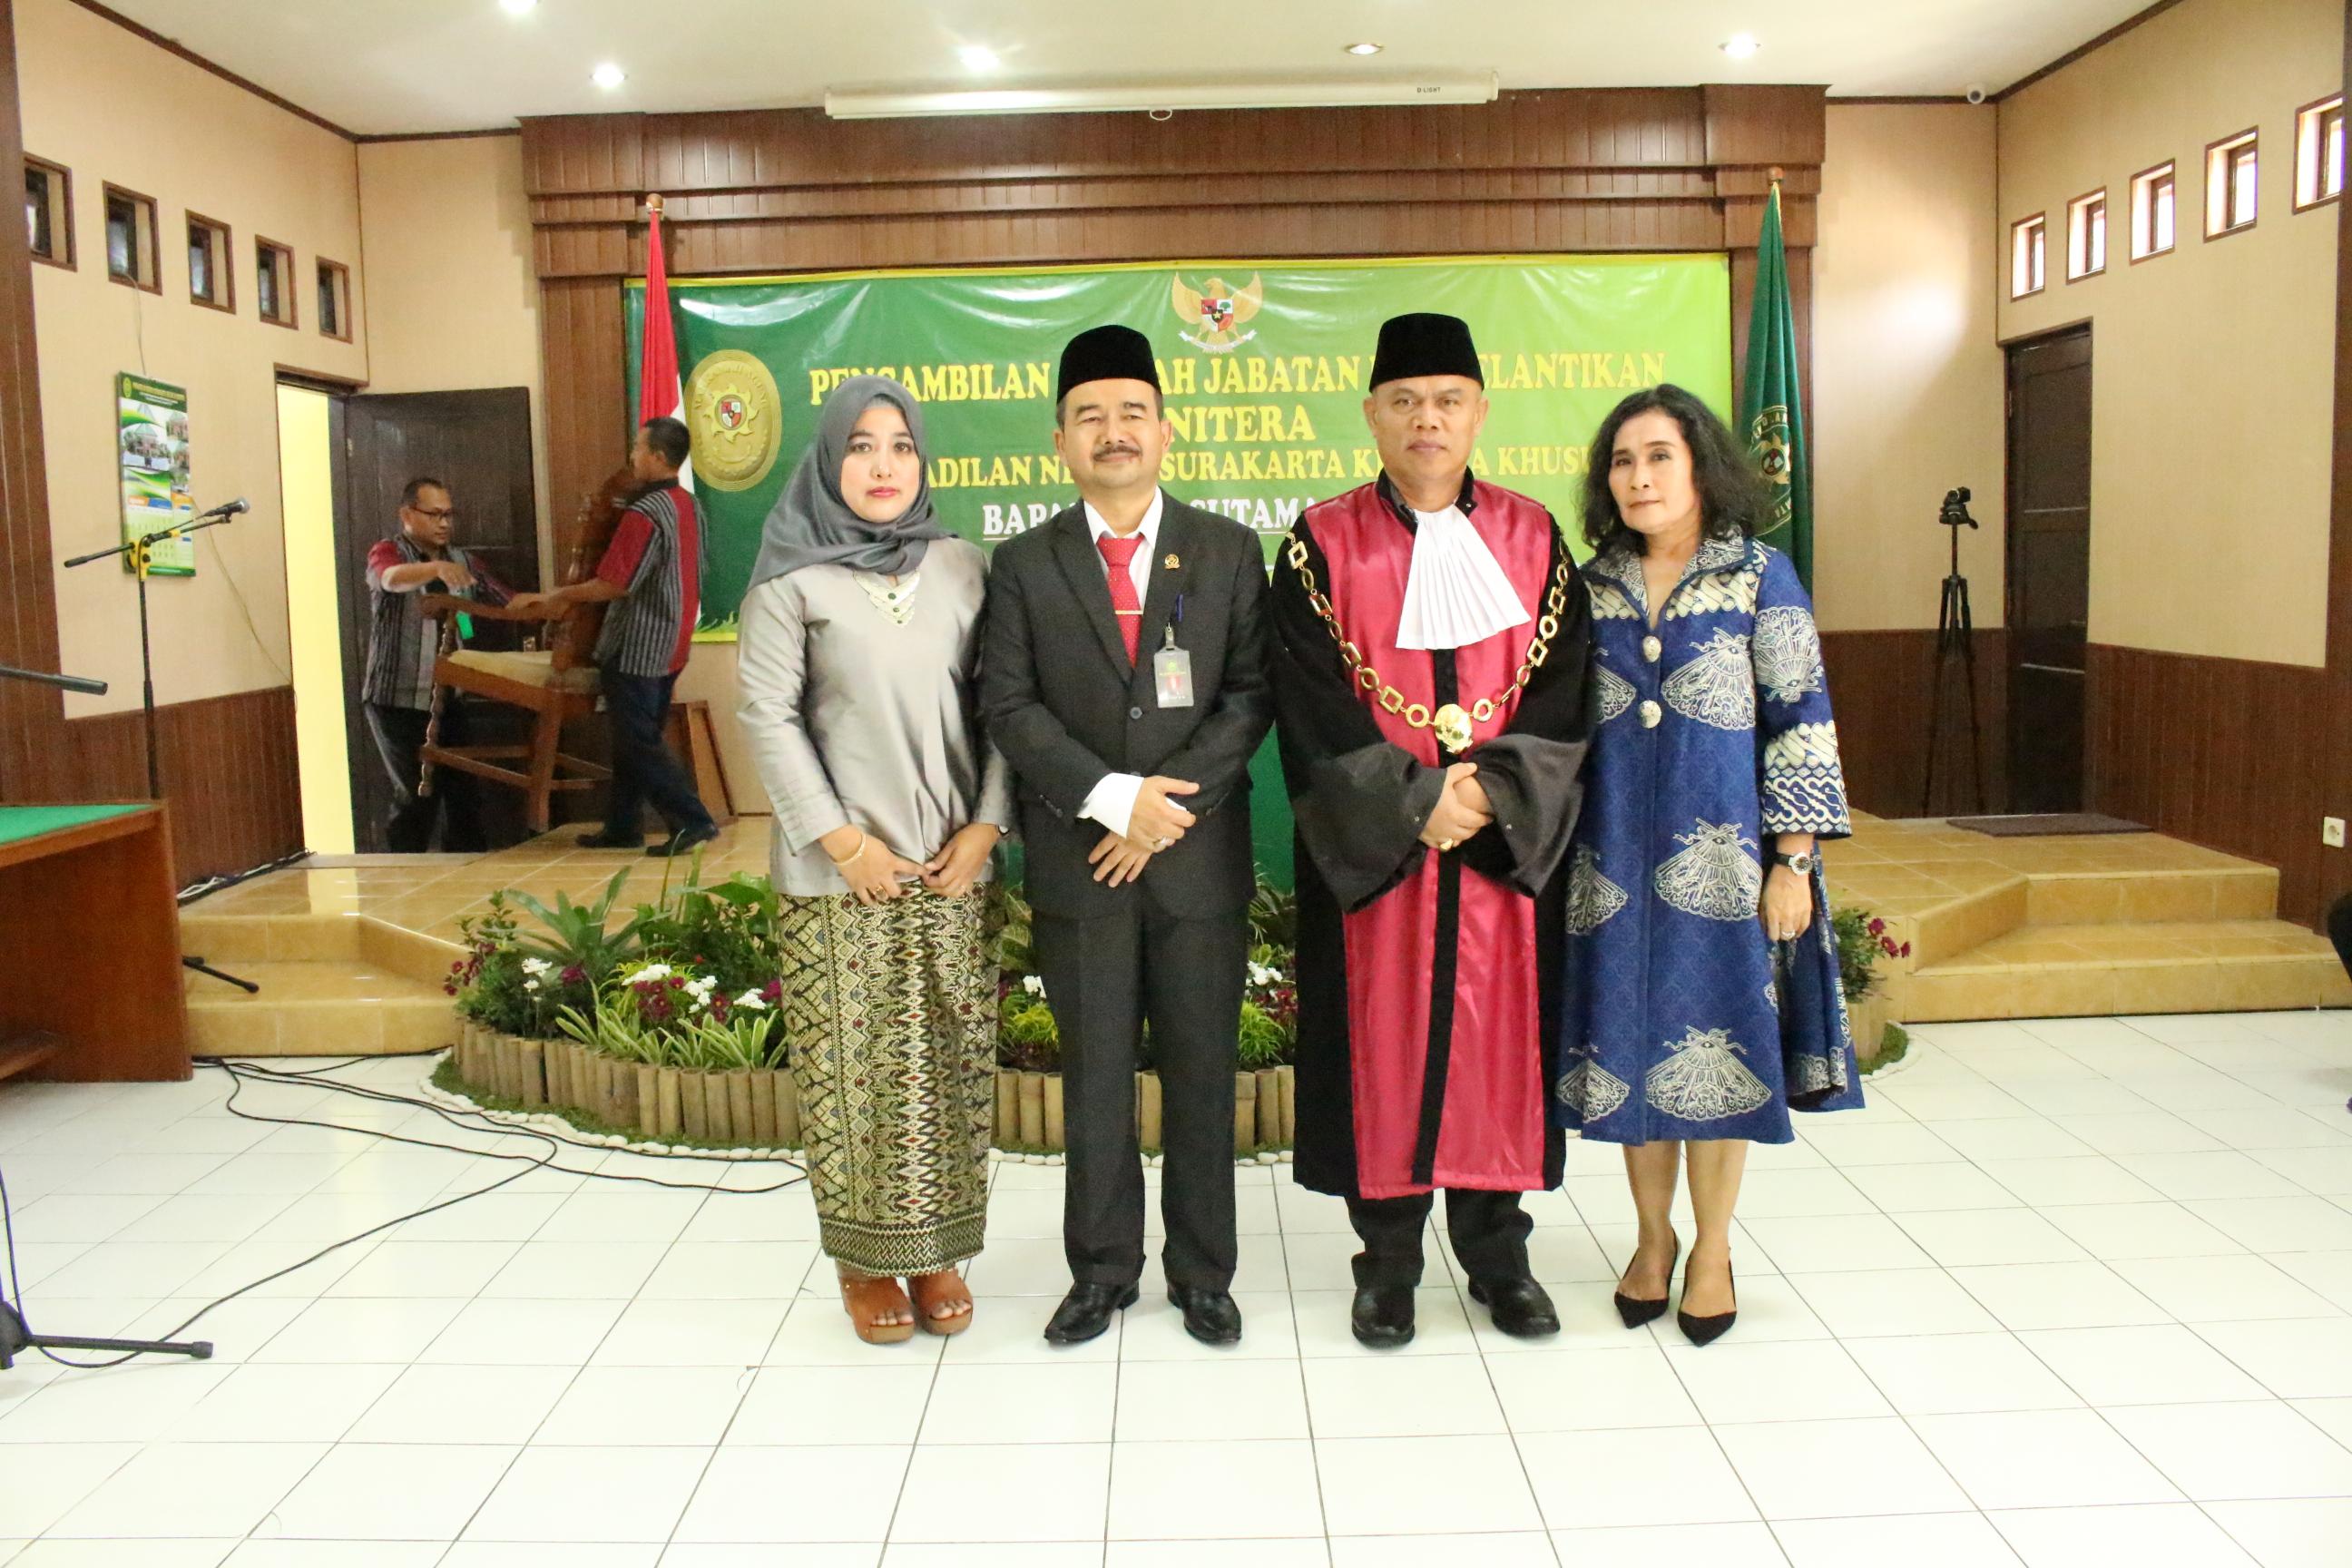 Pengambilan Sumpah Jabatan dan Pelantikan Panitera Pengadilan Negeri Surakarta Kelas IA Khusus